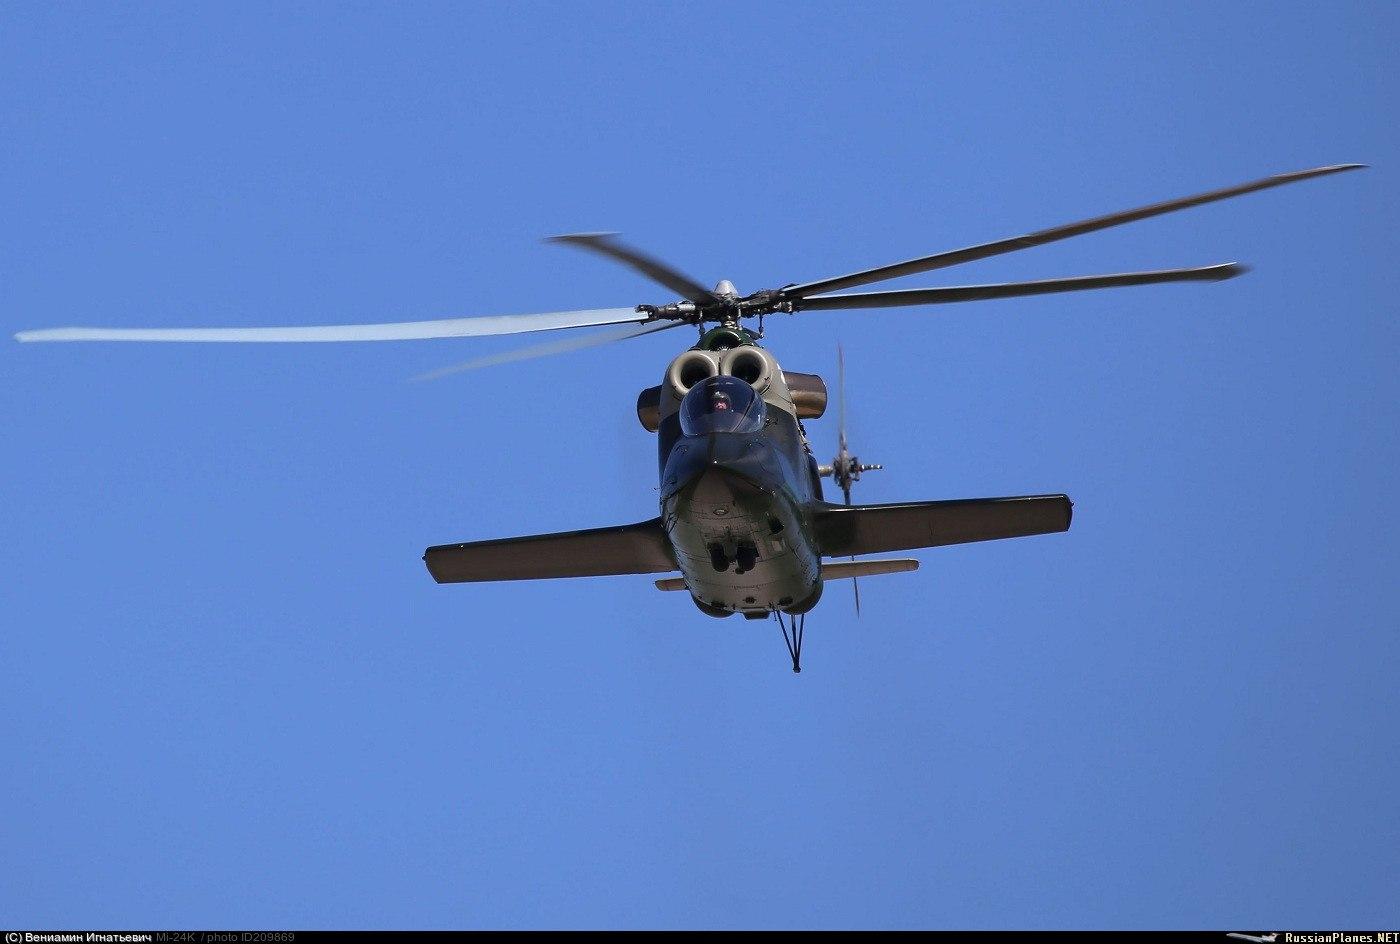 Mi-24/35M Hinds: News - Page 7 ?u=https%3A%2F%2Fpp.userapi.com%2Fc638320%2Fv638320954%2F3d8f4%2FzX-S3MvnH2o